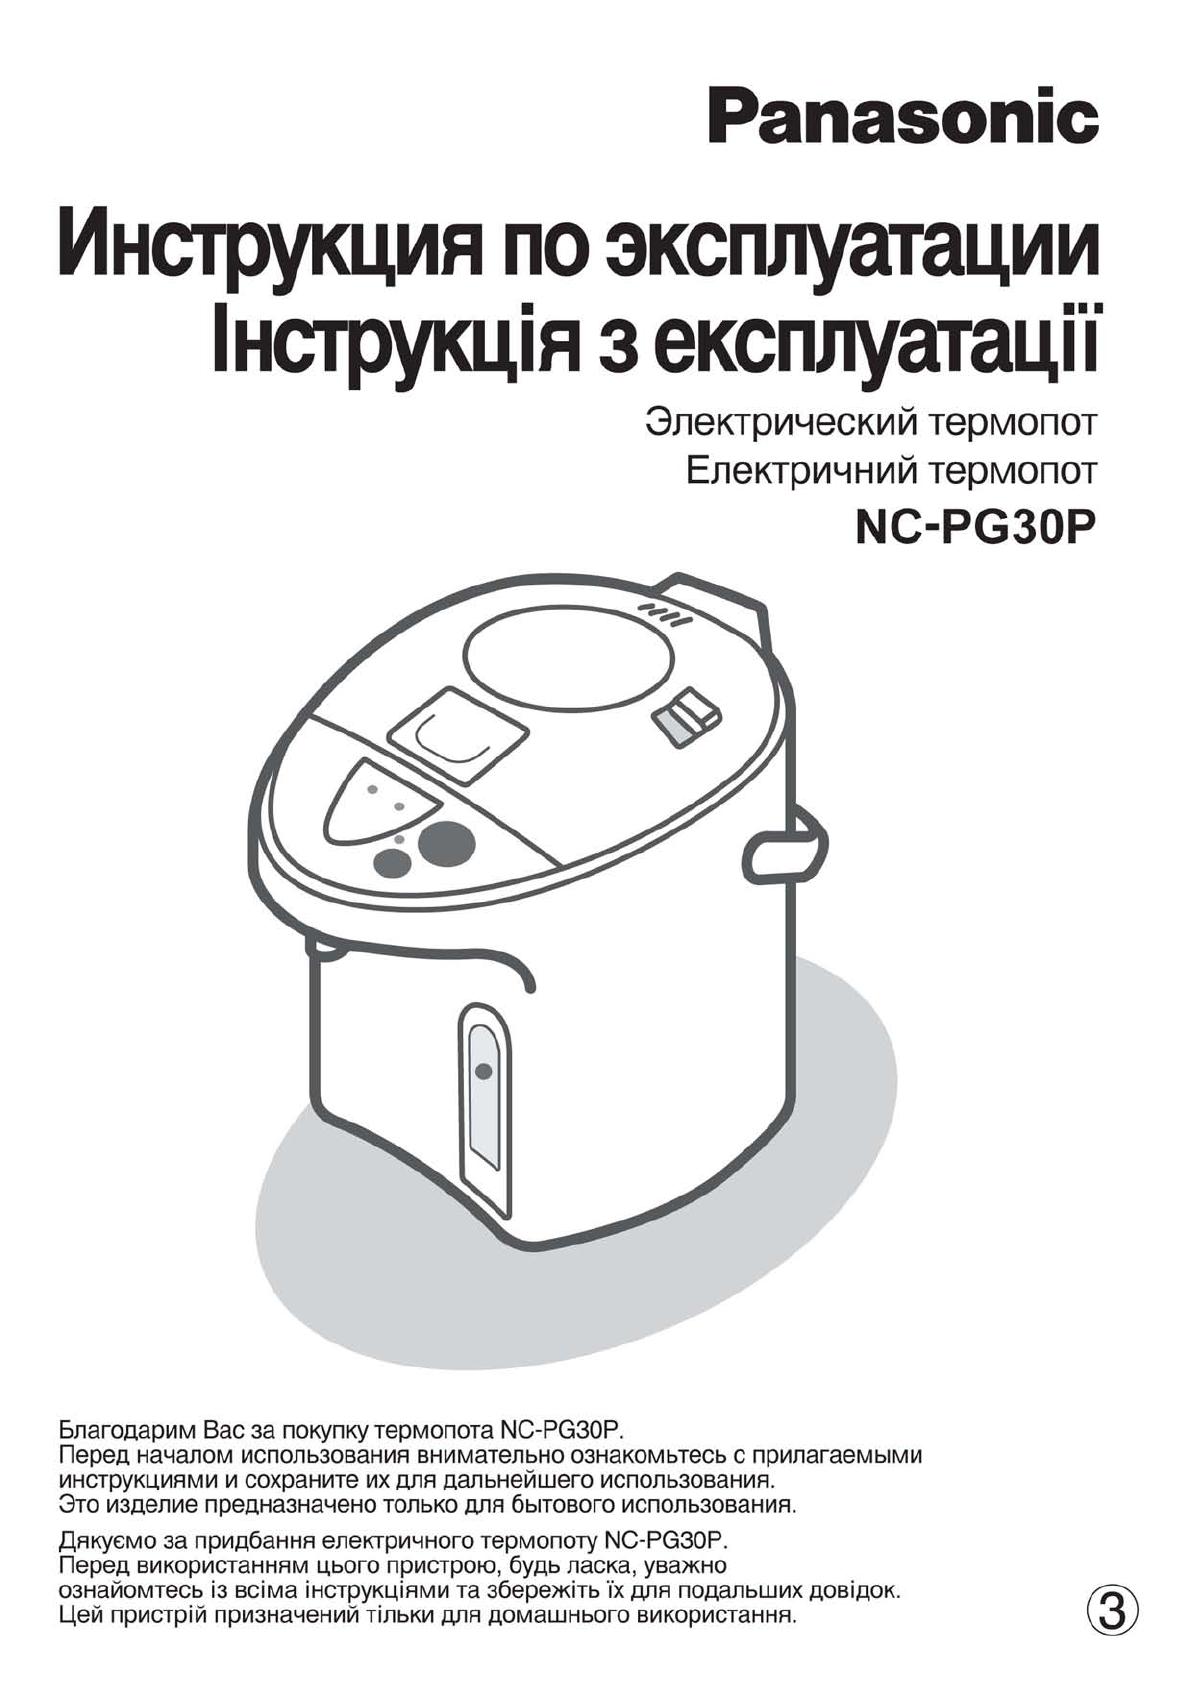 Инструкция по эксплуатации термопота   крупнейшая база инструкций.